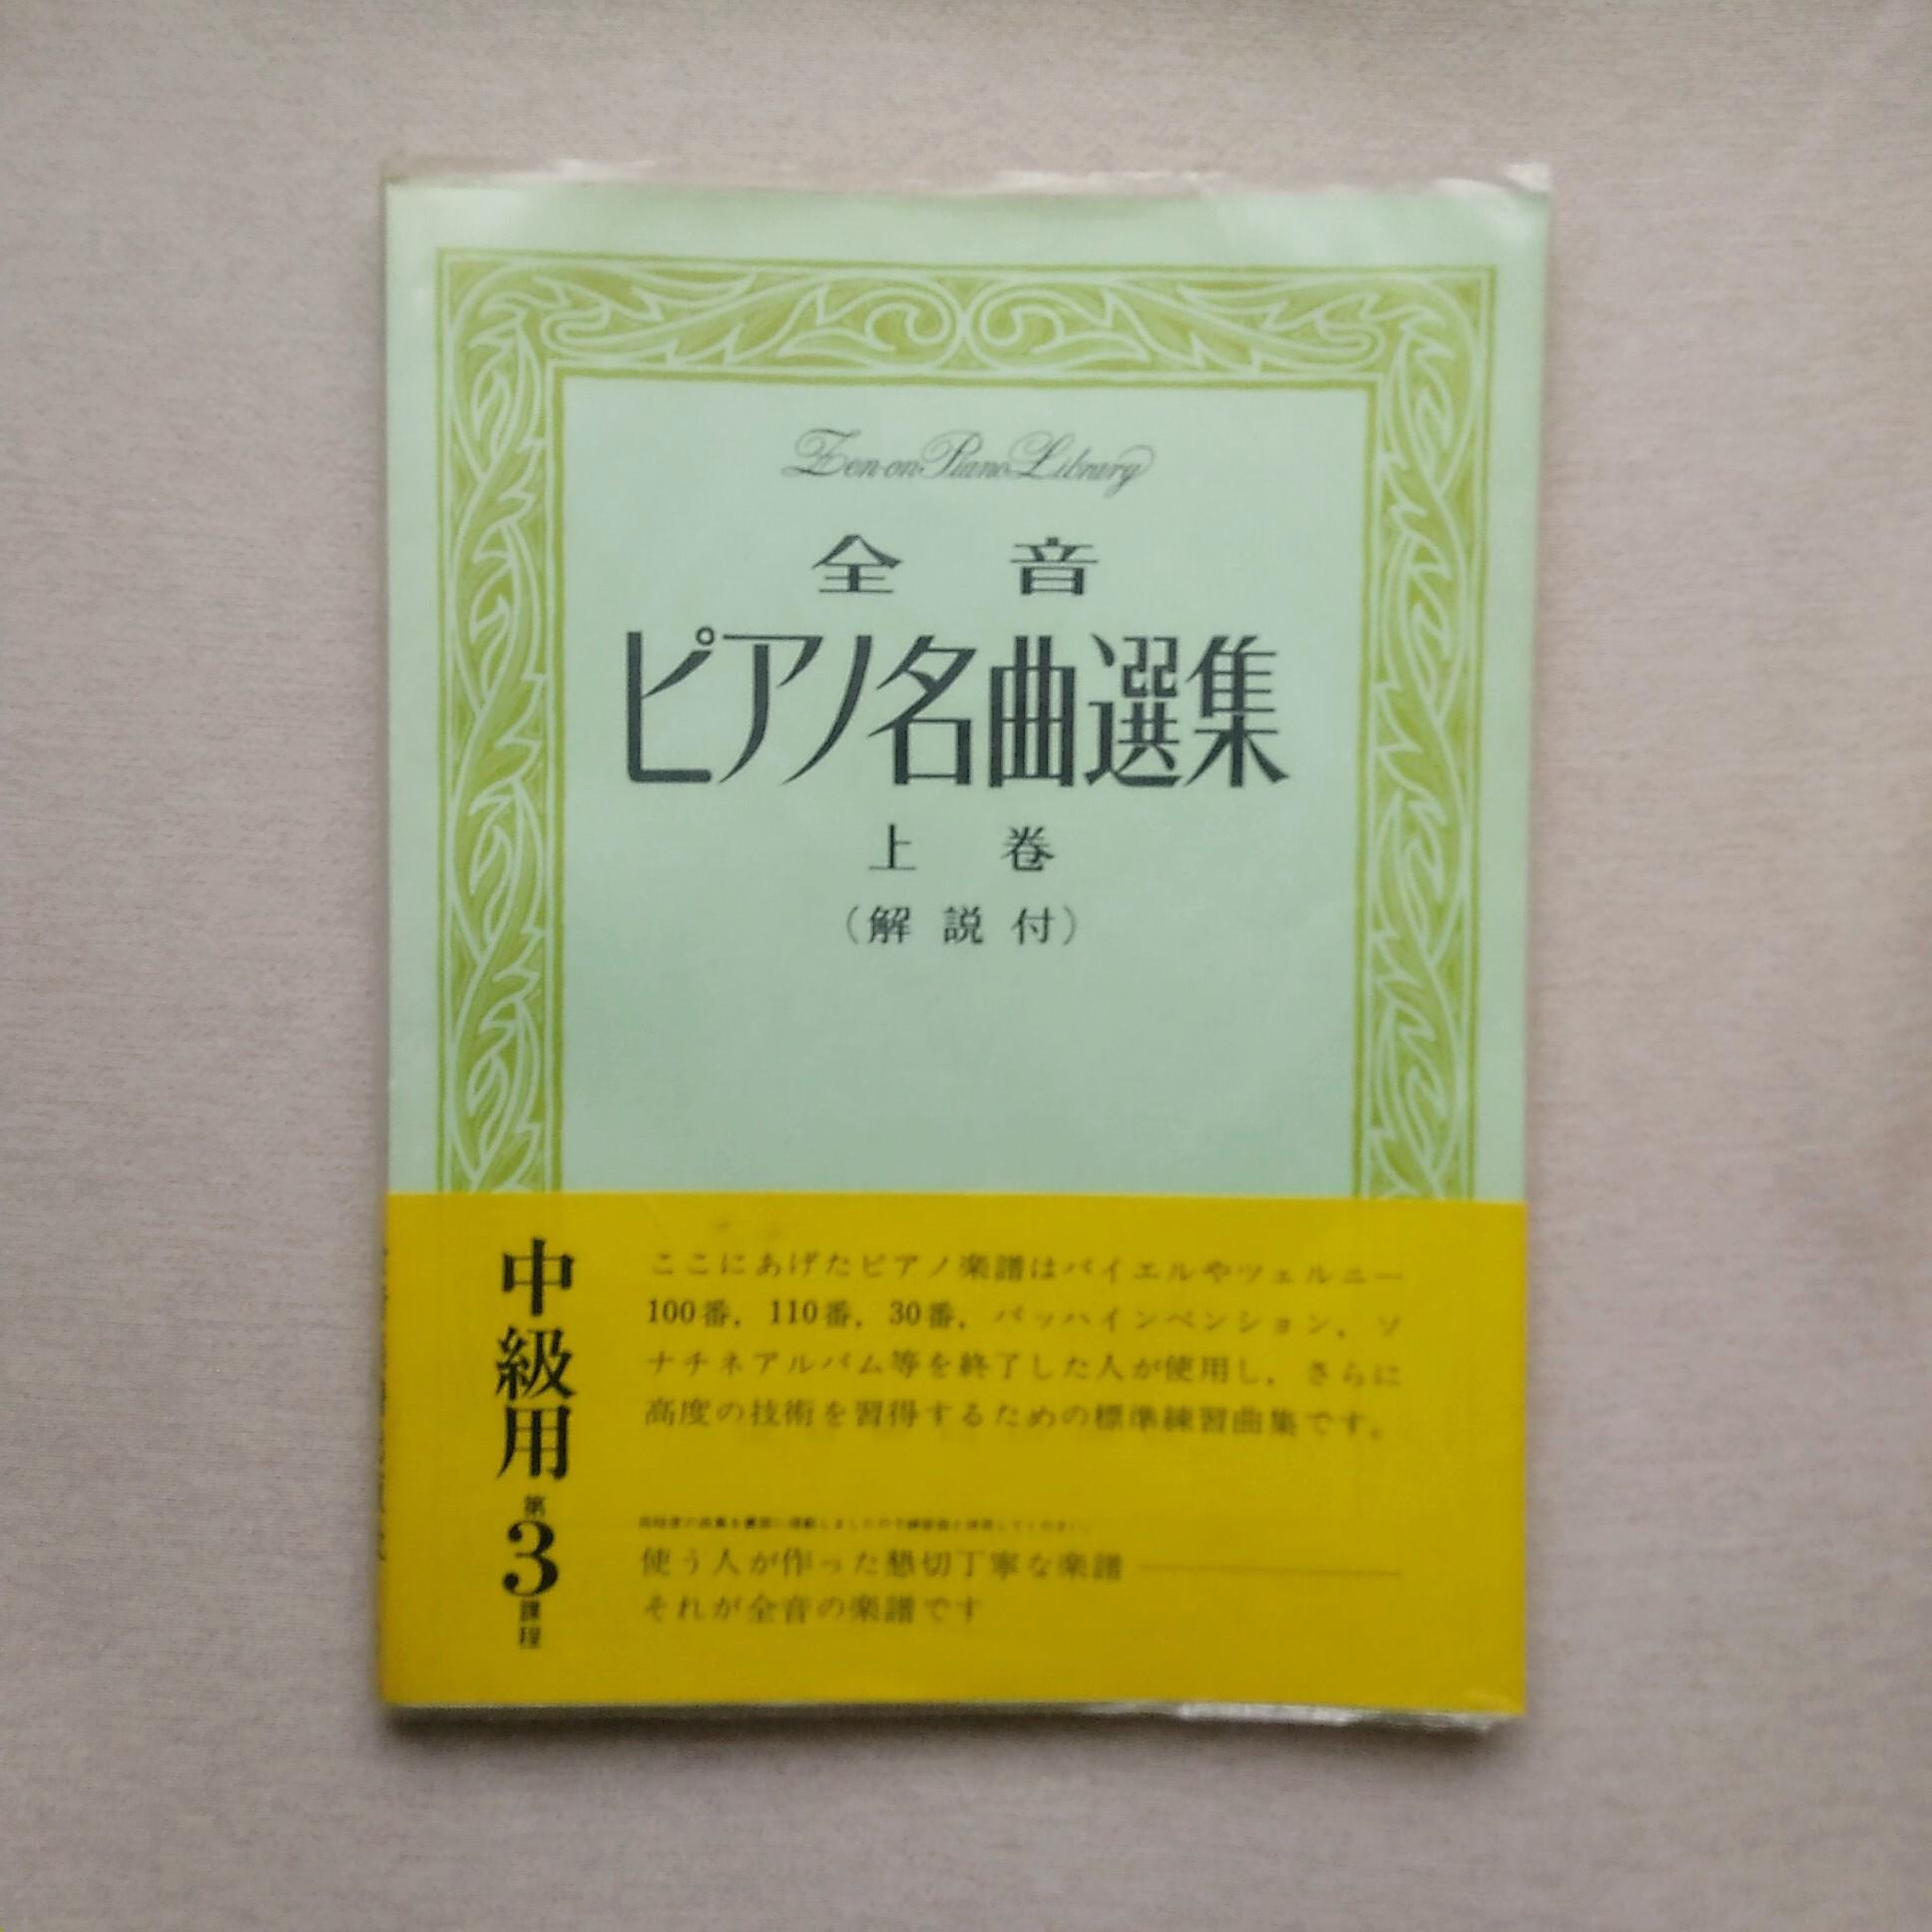 全音ピアノ名曲選集 上巻(解説付)